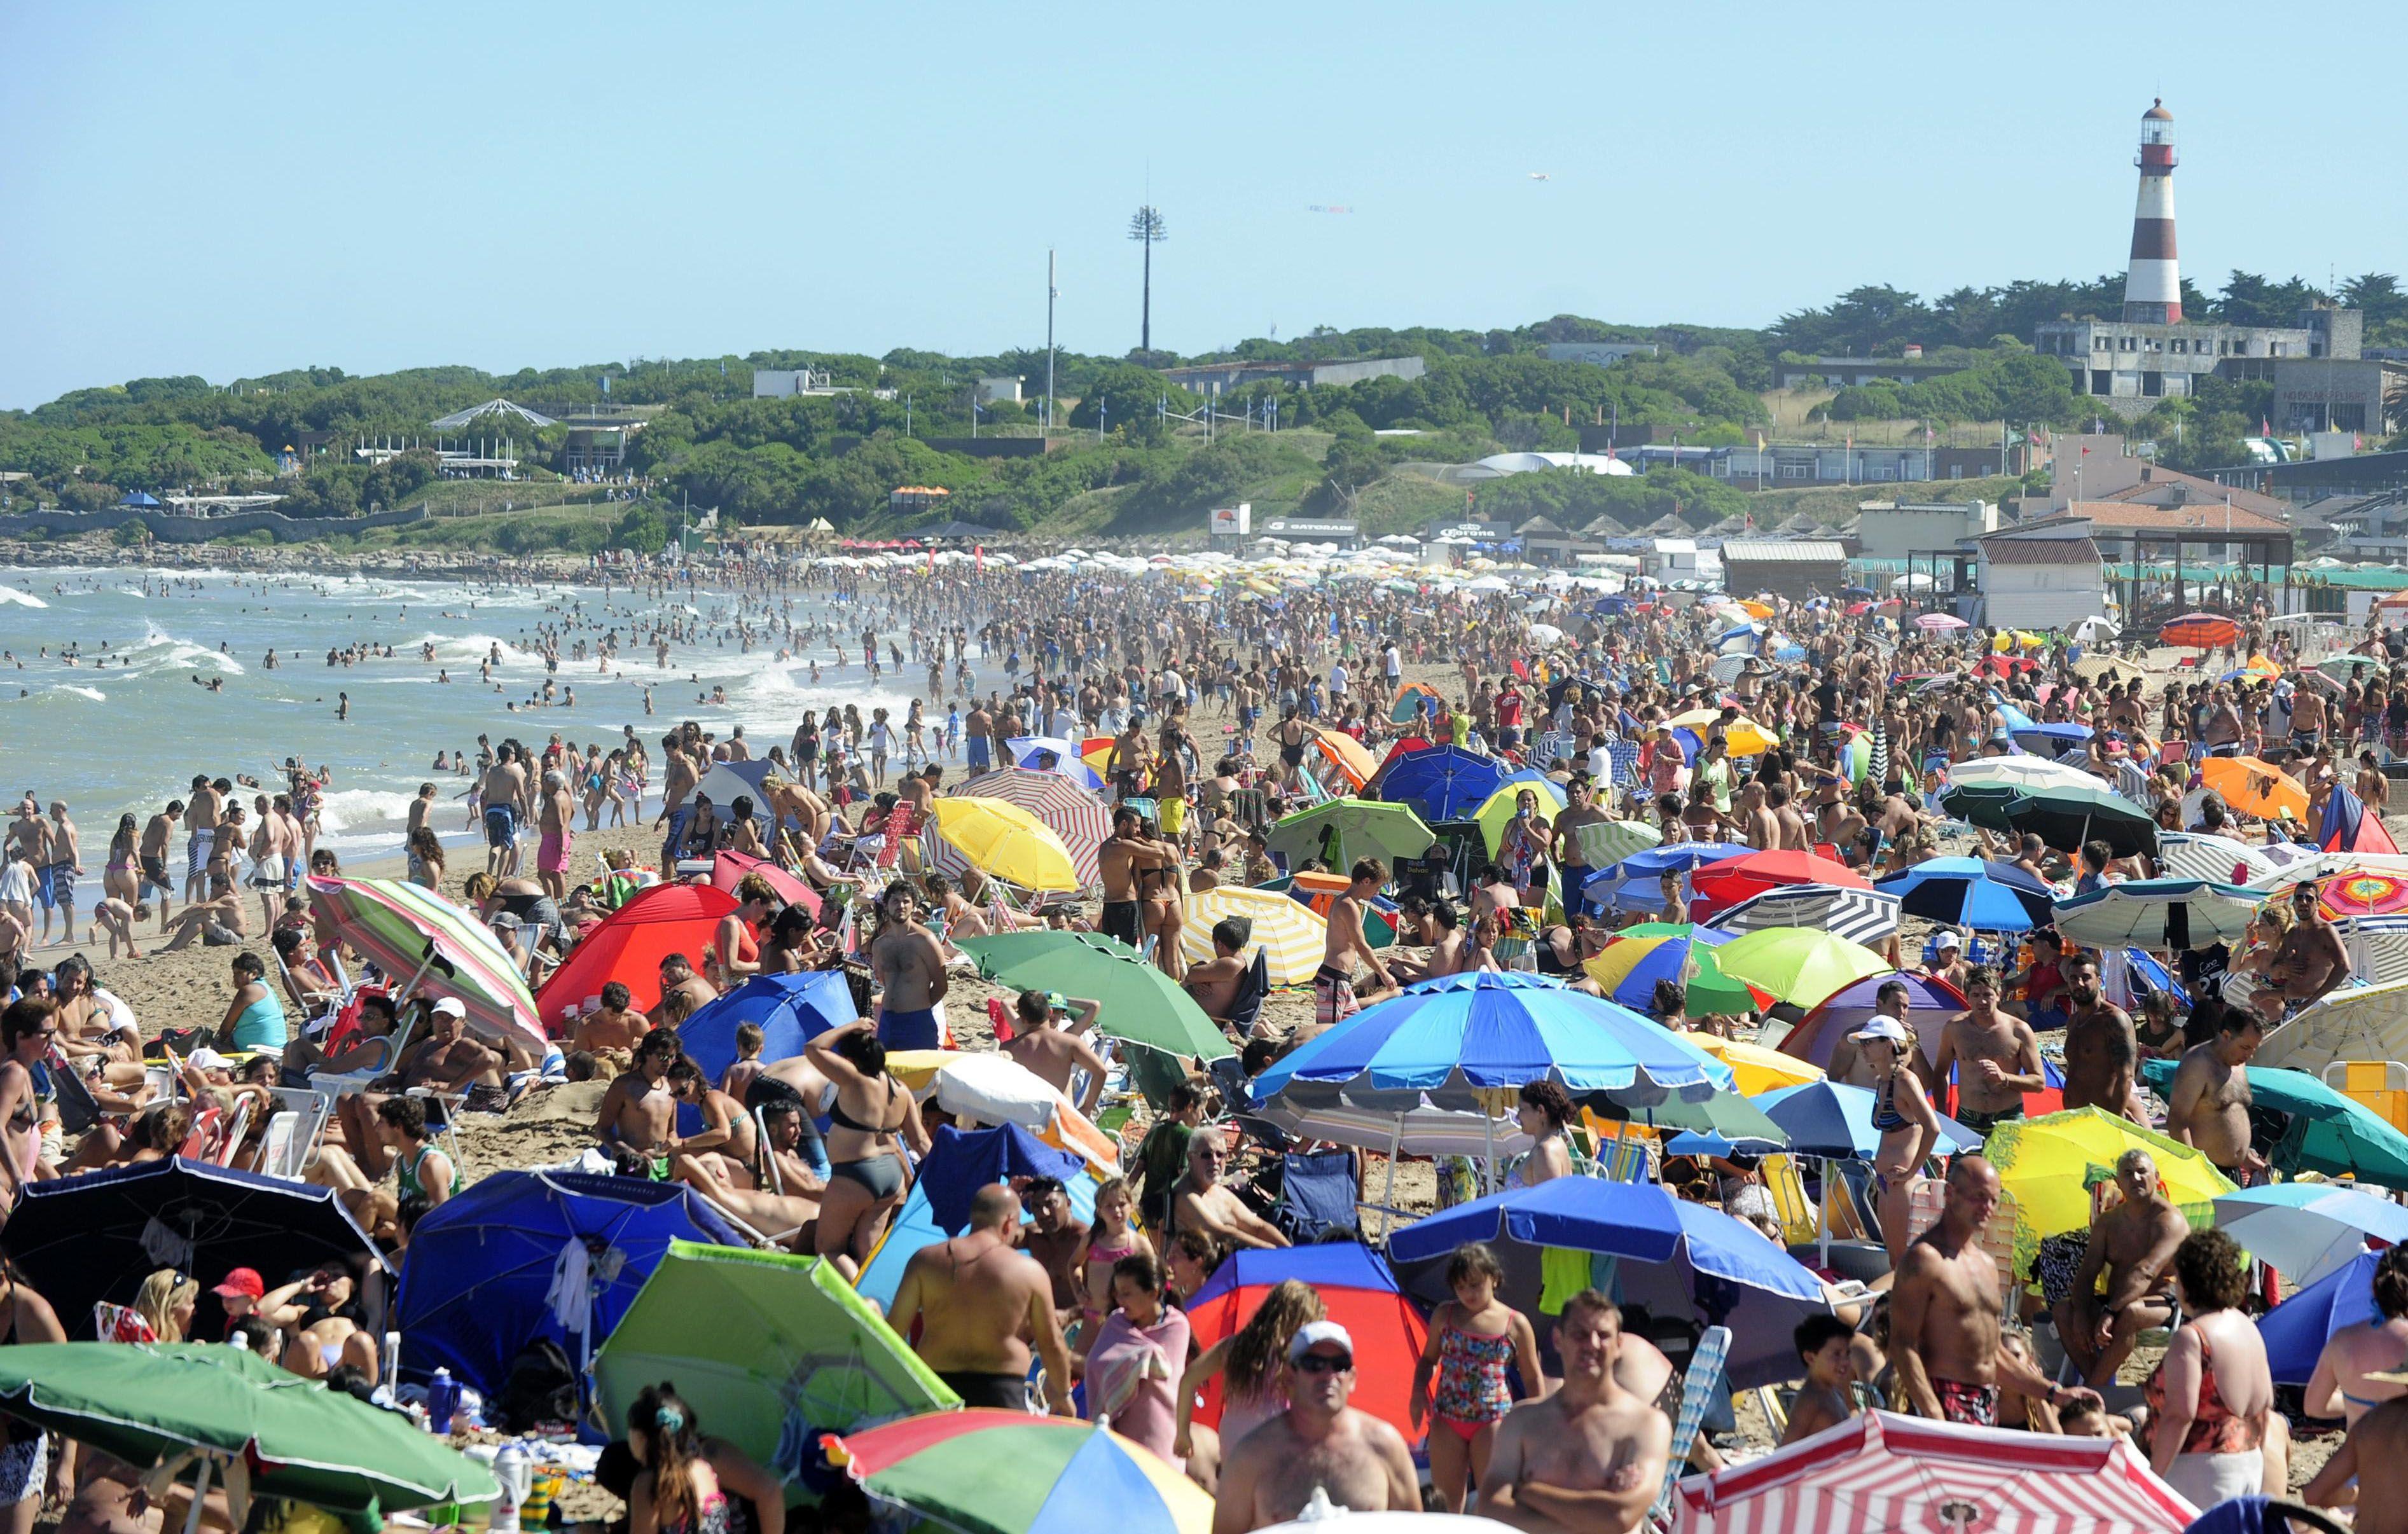 La temporada turística es excelente en la Costa Atlántica.